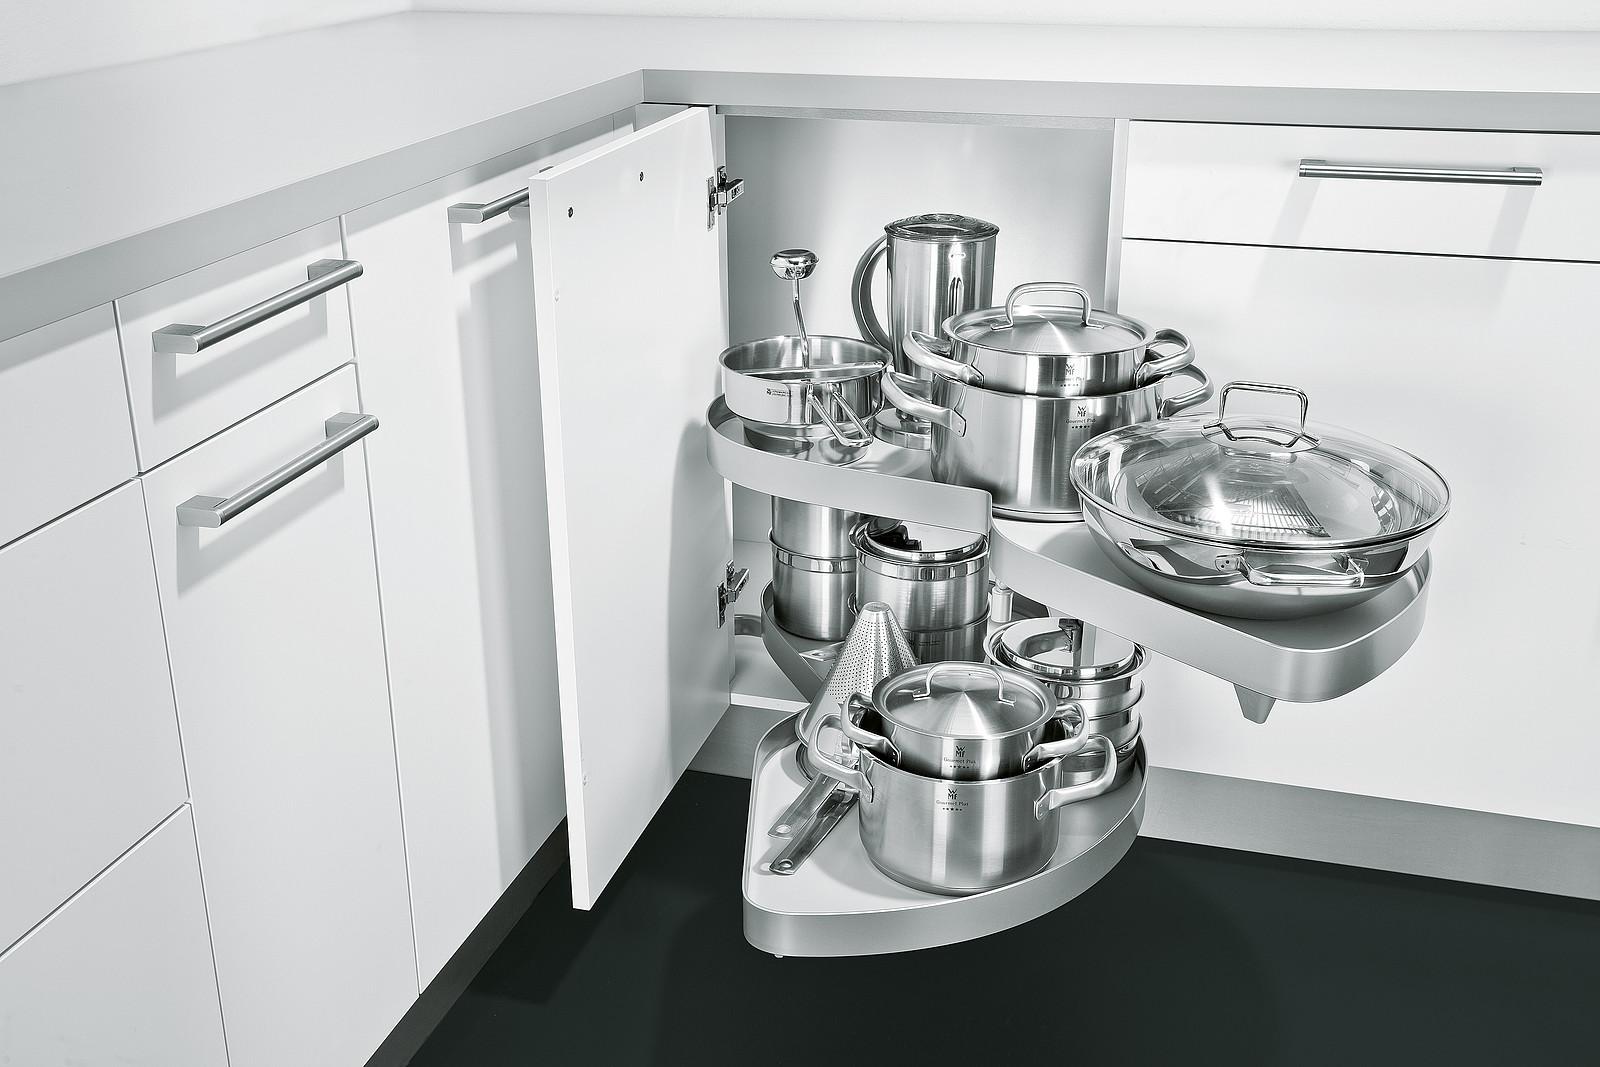 Full Size of Eckunterschrank Küche 120 Küchenunterschrank Weiß Eckunterschrank Küche Selber Bauen Eckunterschrank Küche 100 Cm Küche Eckunterschrank Küche